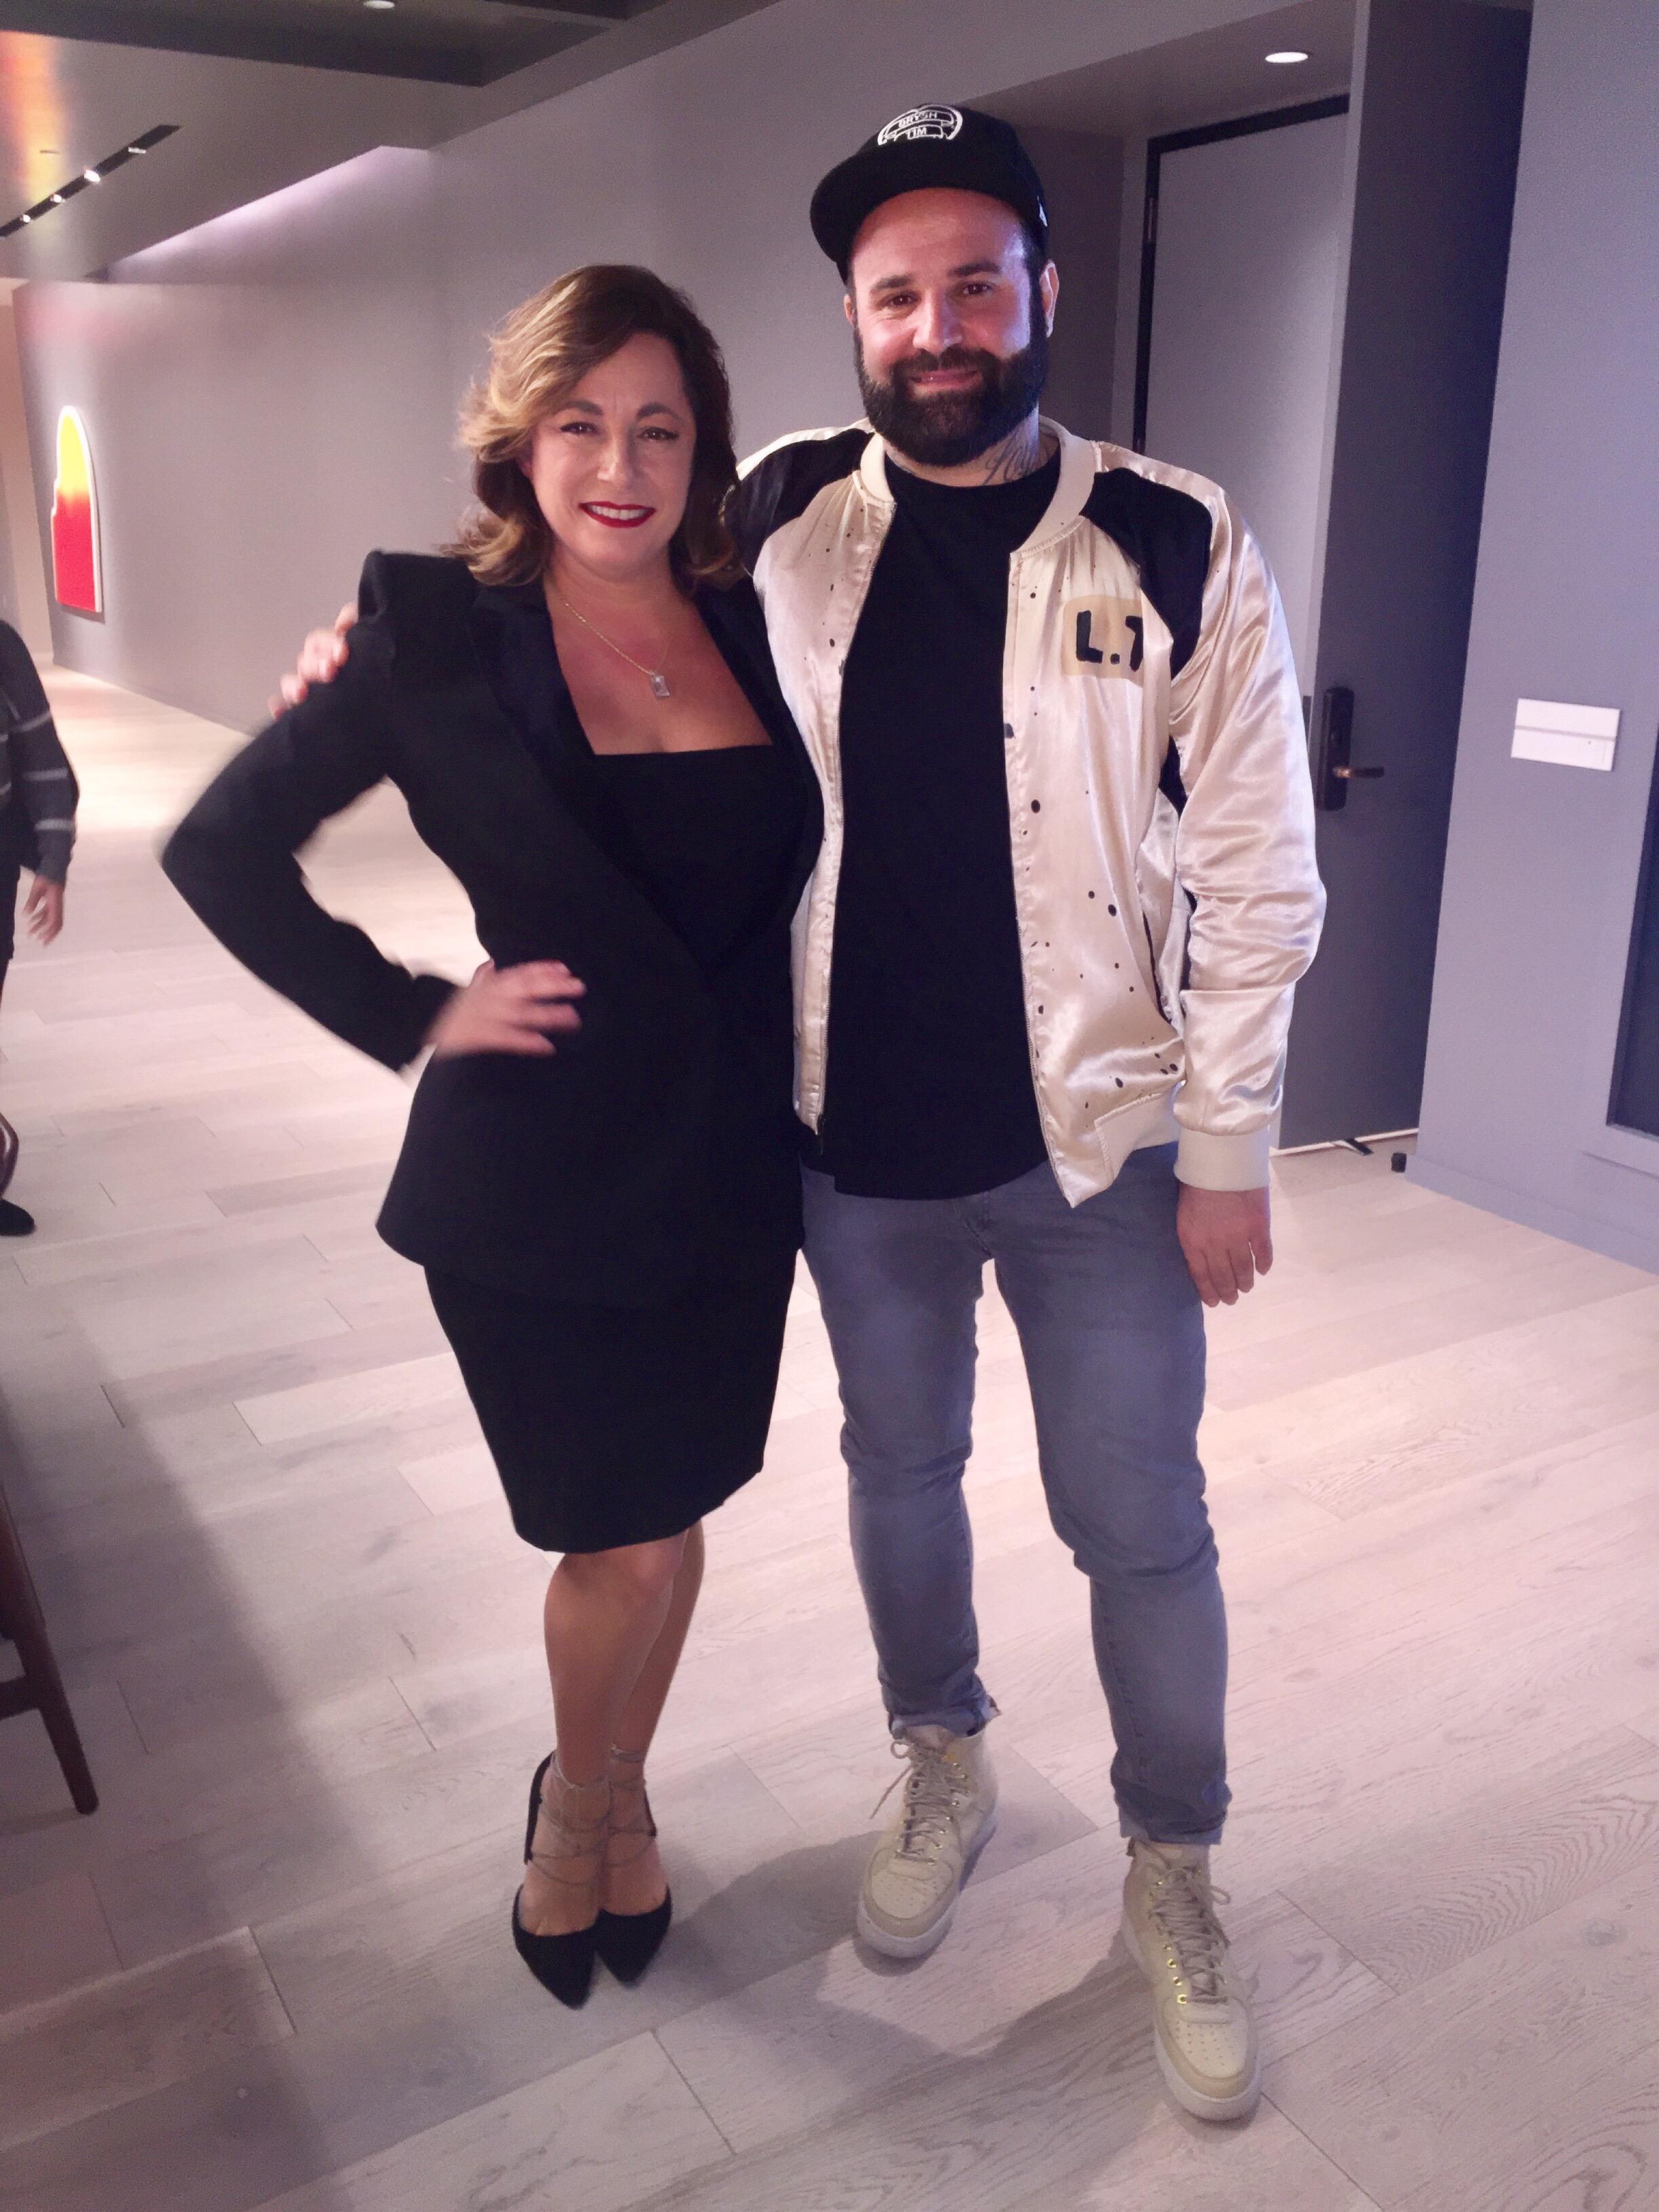 Selma Fonseca and Levan Tsikurishvili